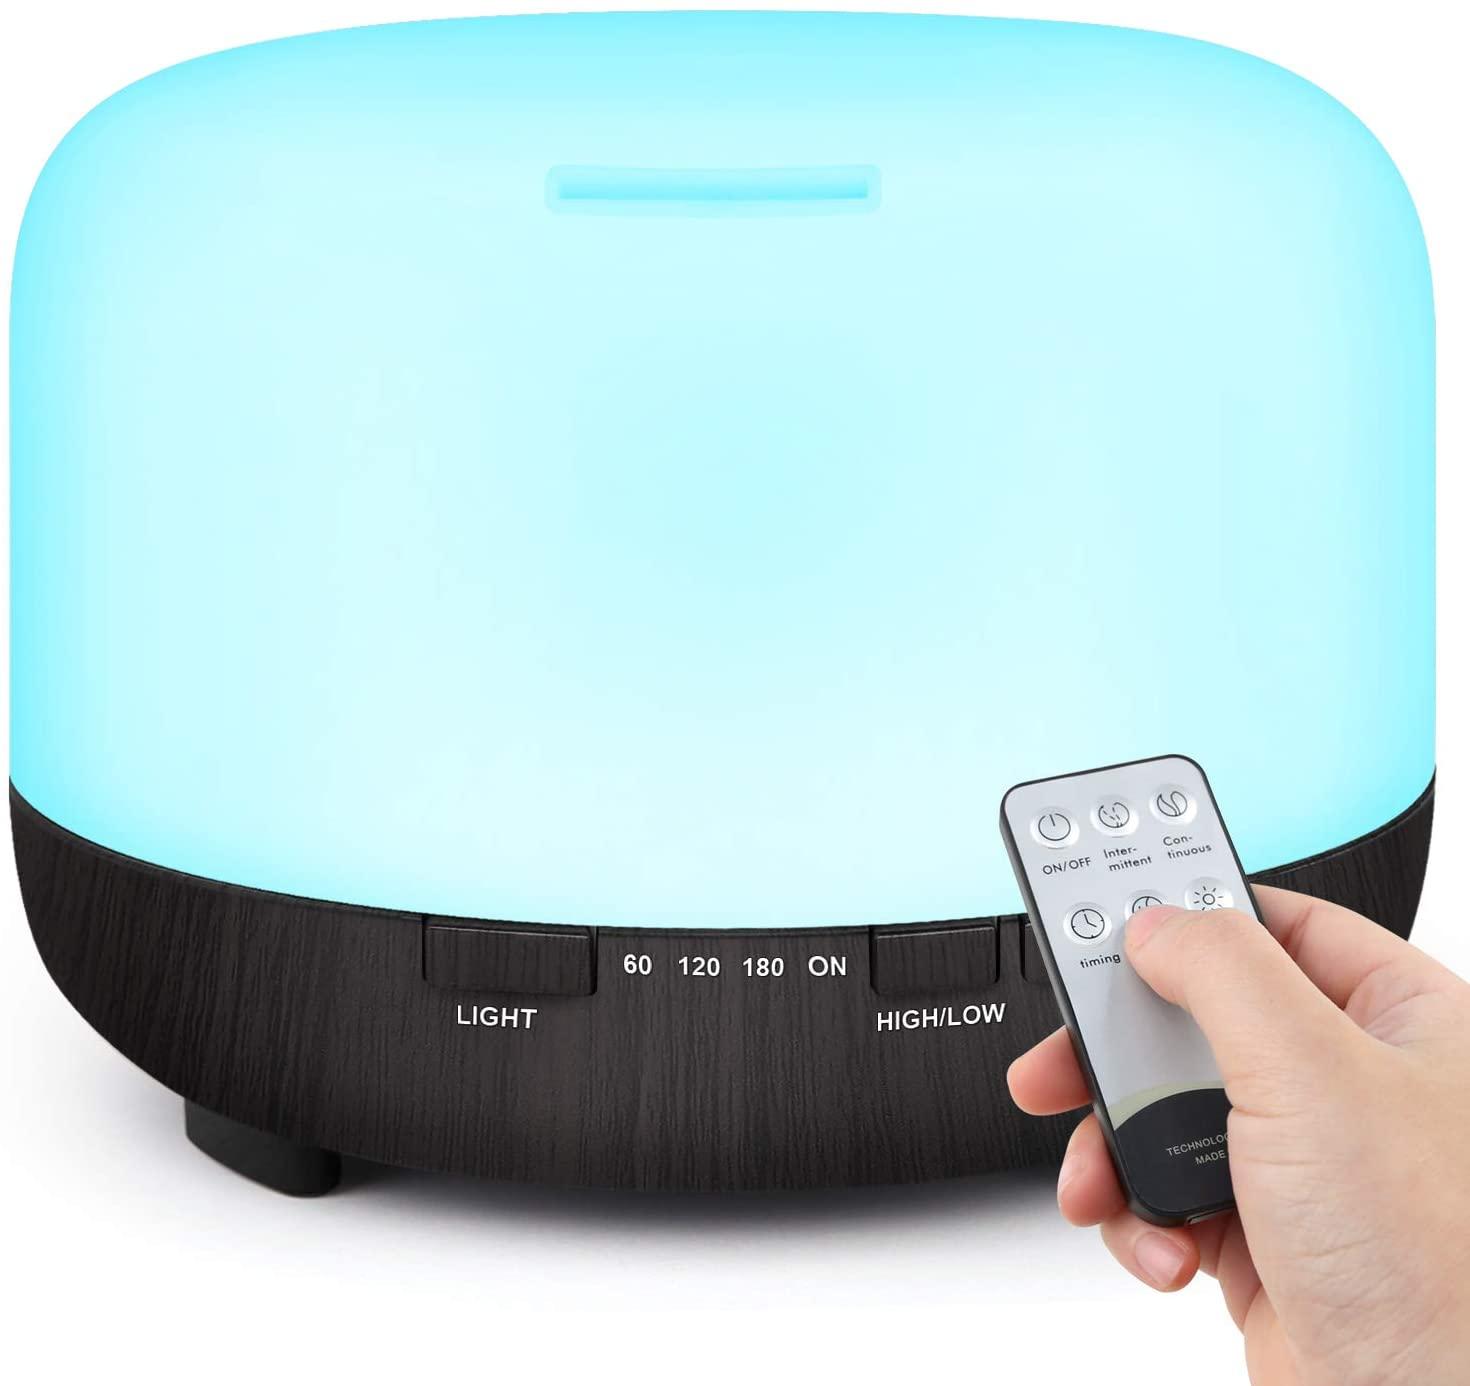 TENSWALL 500ml Difusor de Aceite Esencial, Control Remoto Humidificador Ultrasónico con Luces LED Cambiantes de 7 Colores-Negro